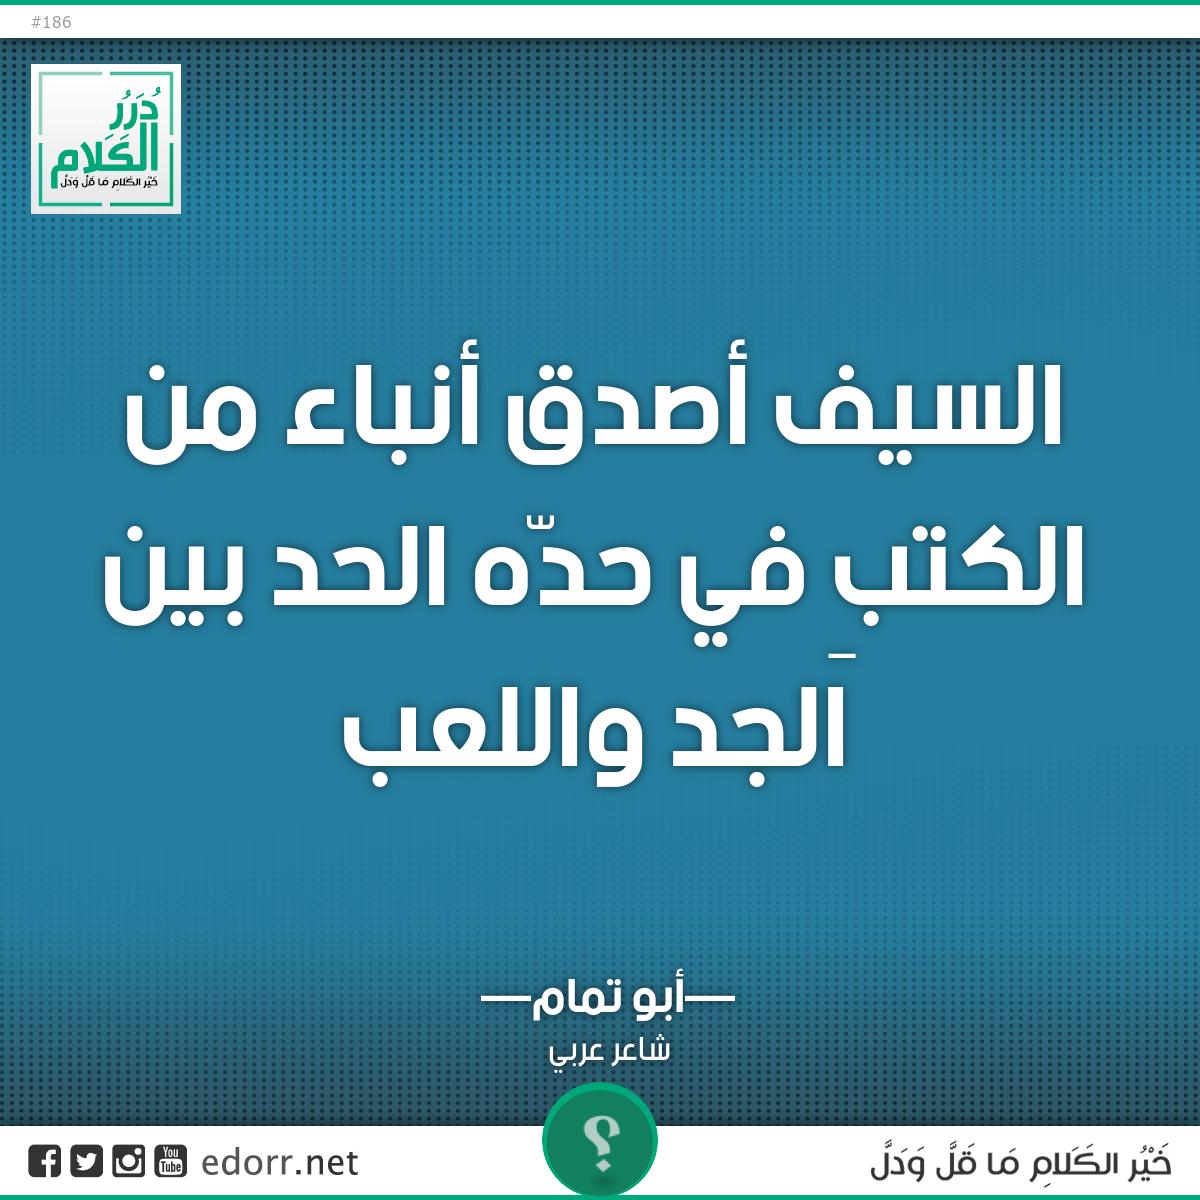 السيف أصدق أنباء من الكتبِ ... في حدّه الحد بين الجد واللعب